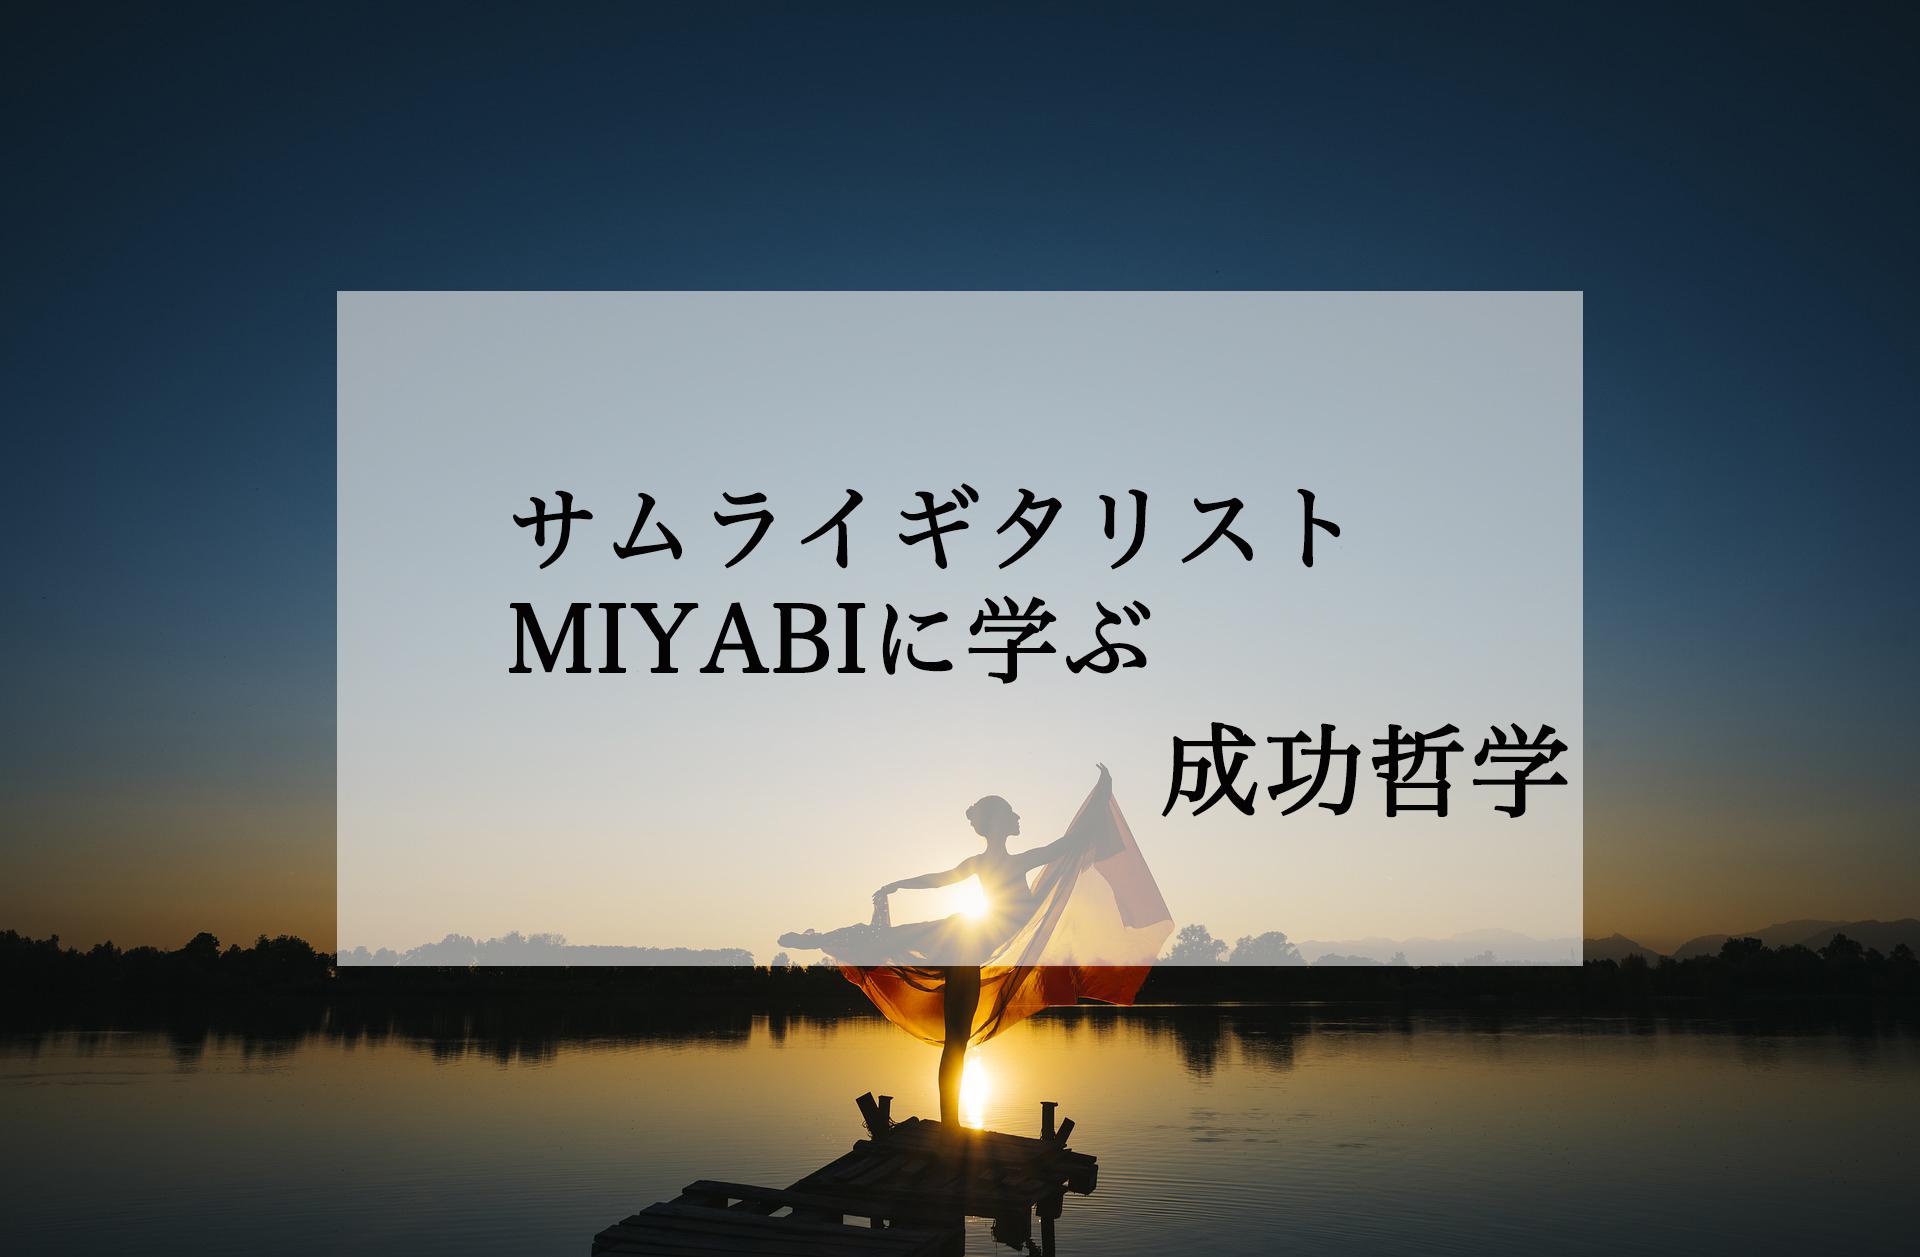 サムライギタリストmiyabiに学ぶ成功哲学